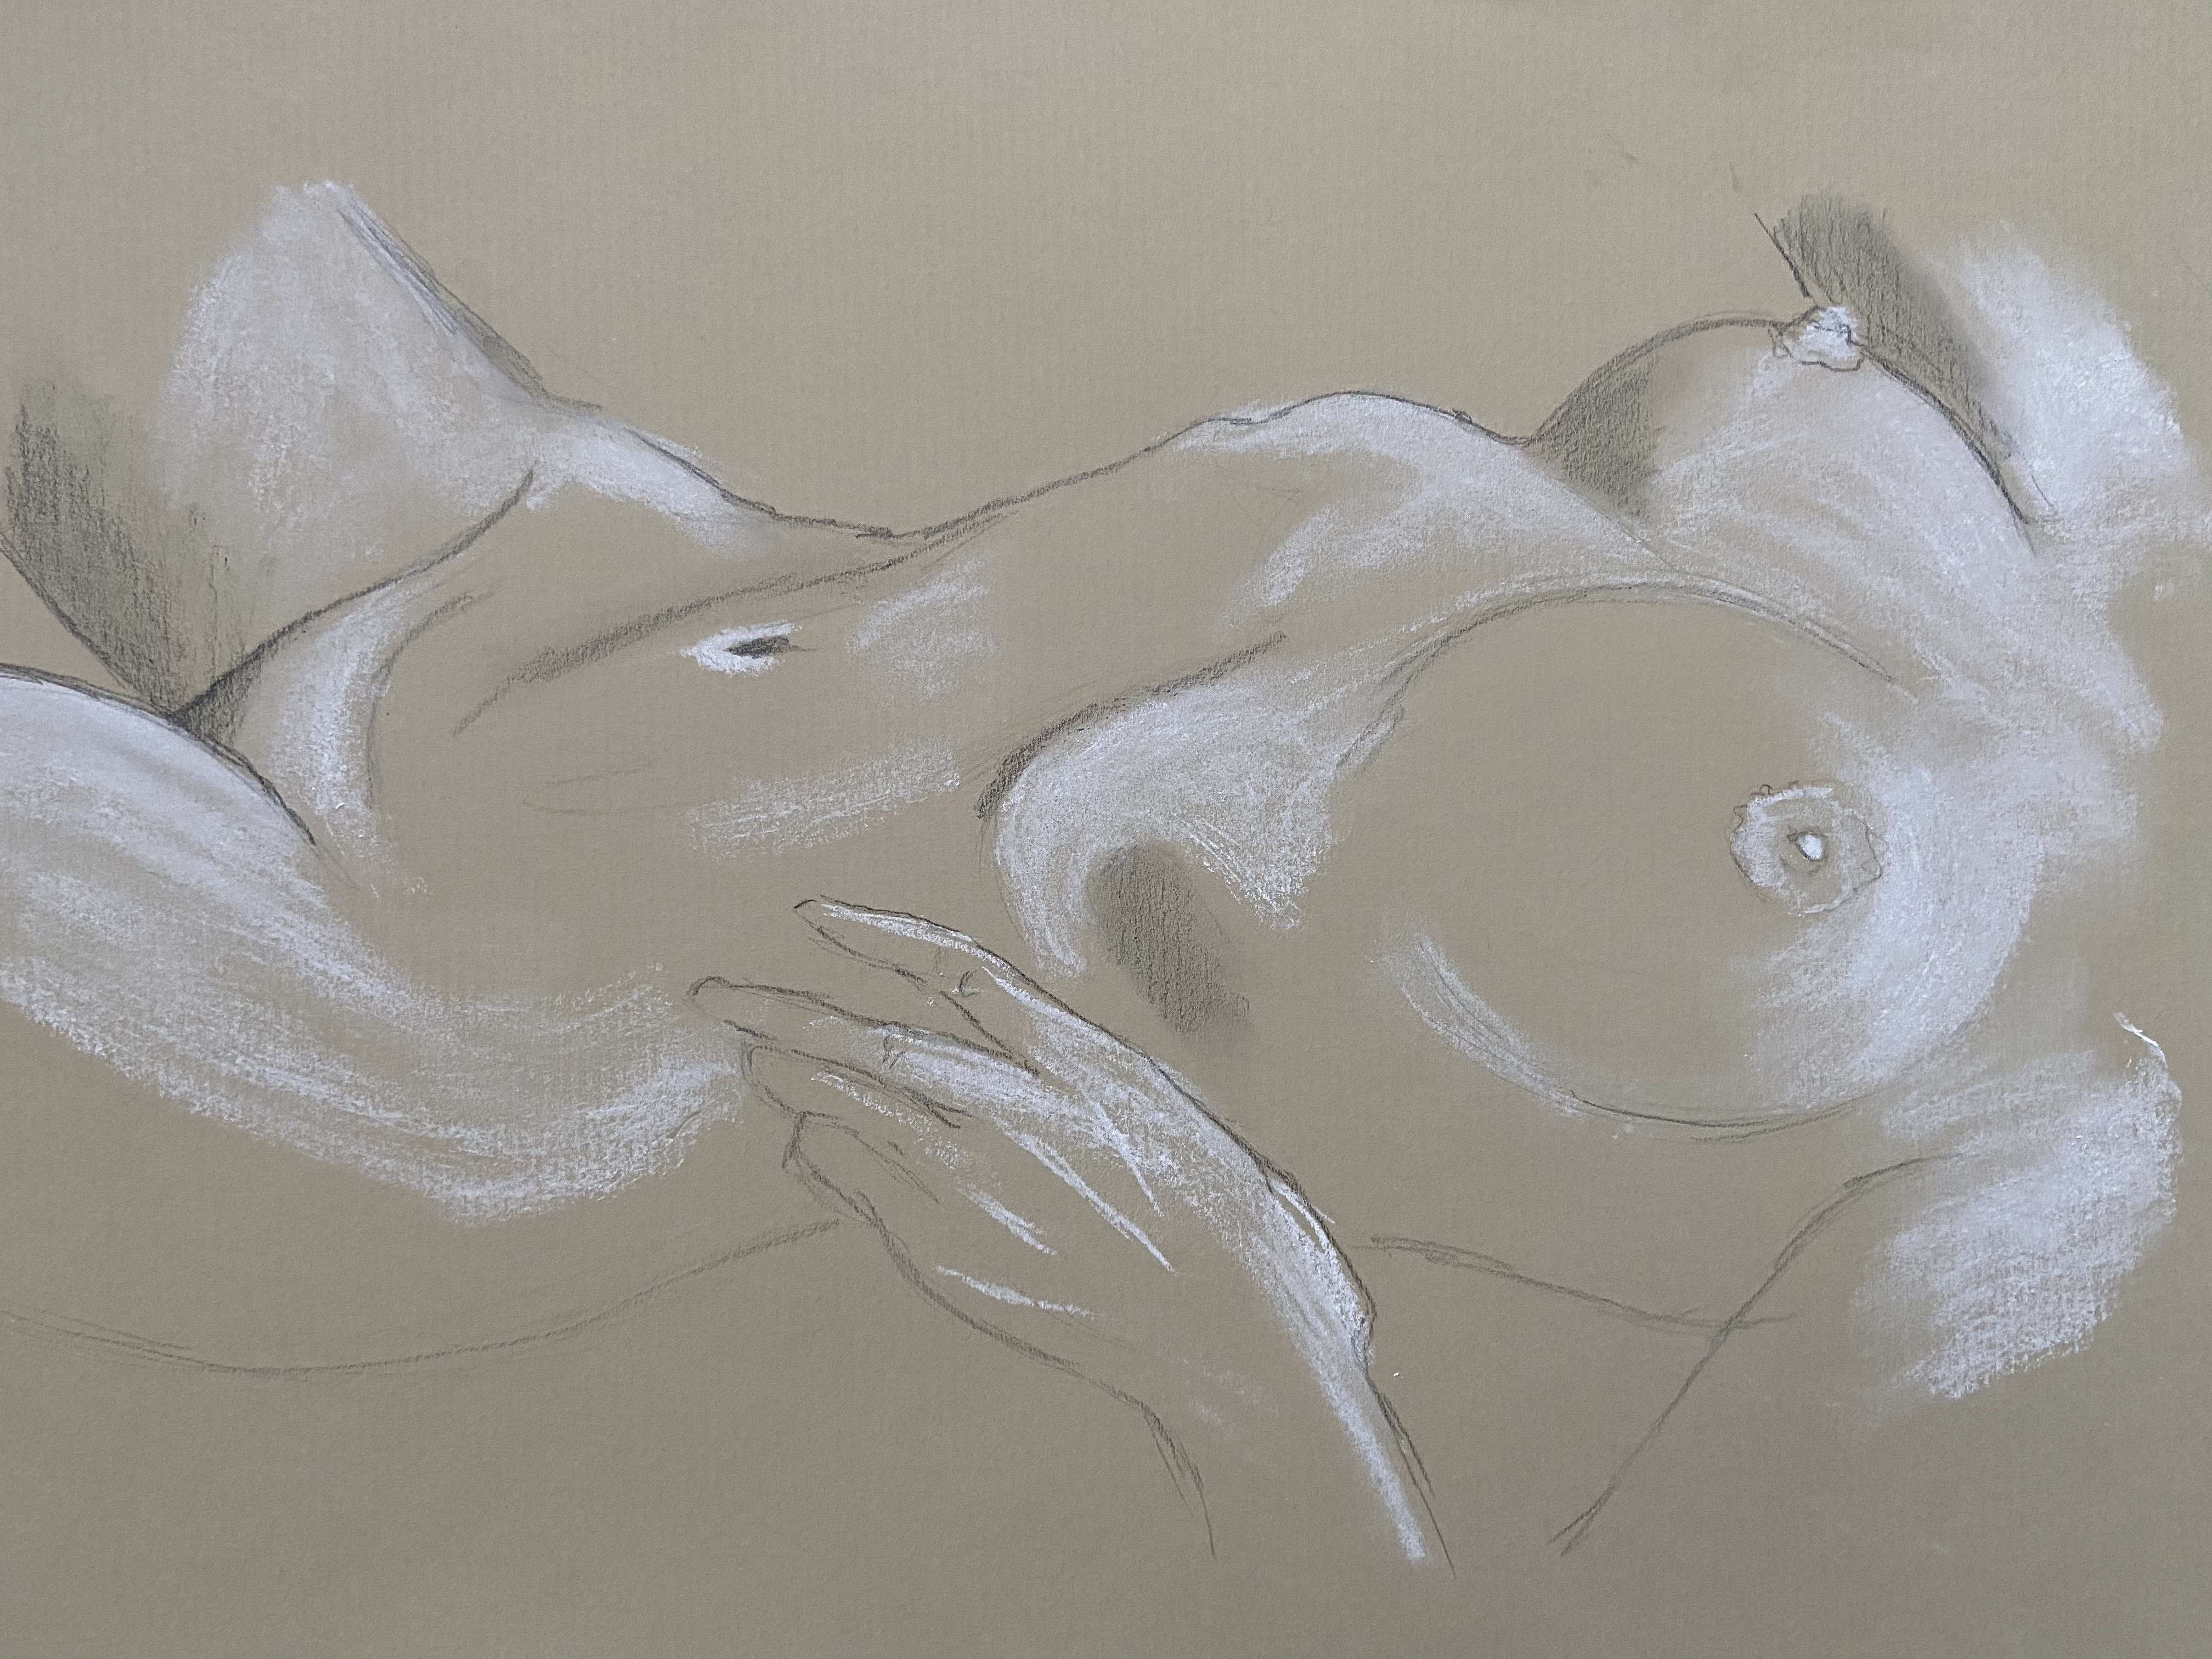 Torse mod�le vivant f�minin dessin crayon de papier craie blanche sur papier gris  cours de dessin